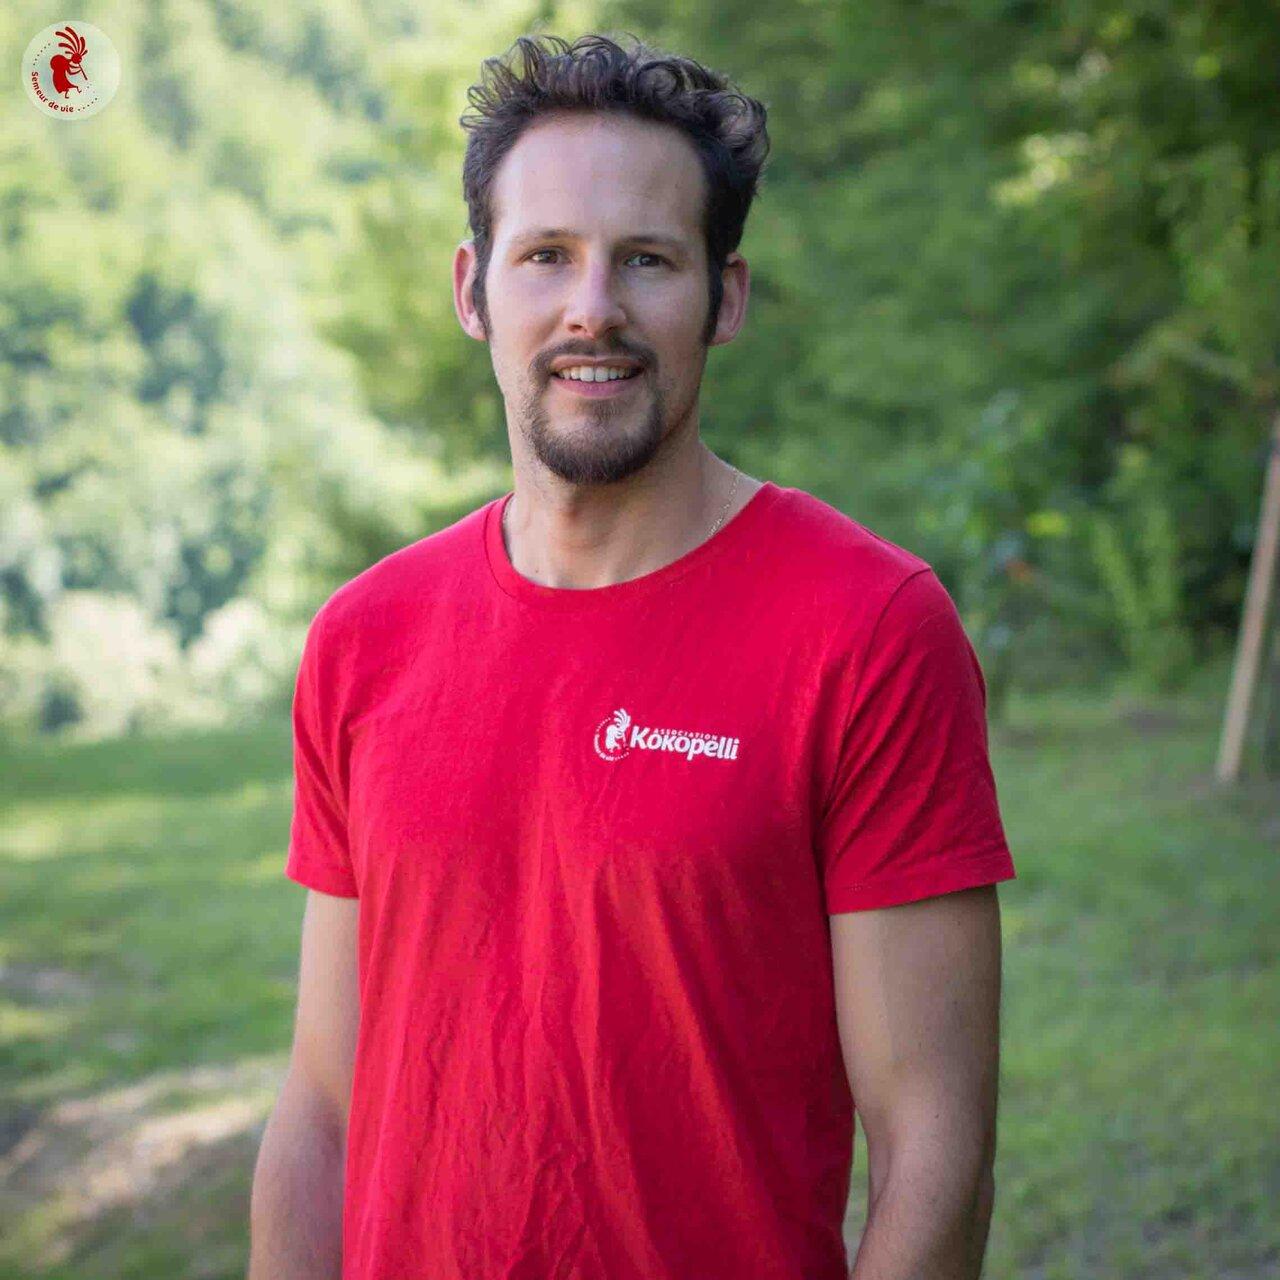 Vêtements - T-Shirt homme rouge, taille S